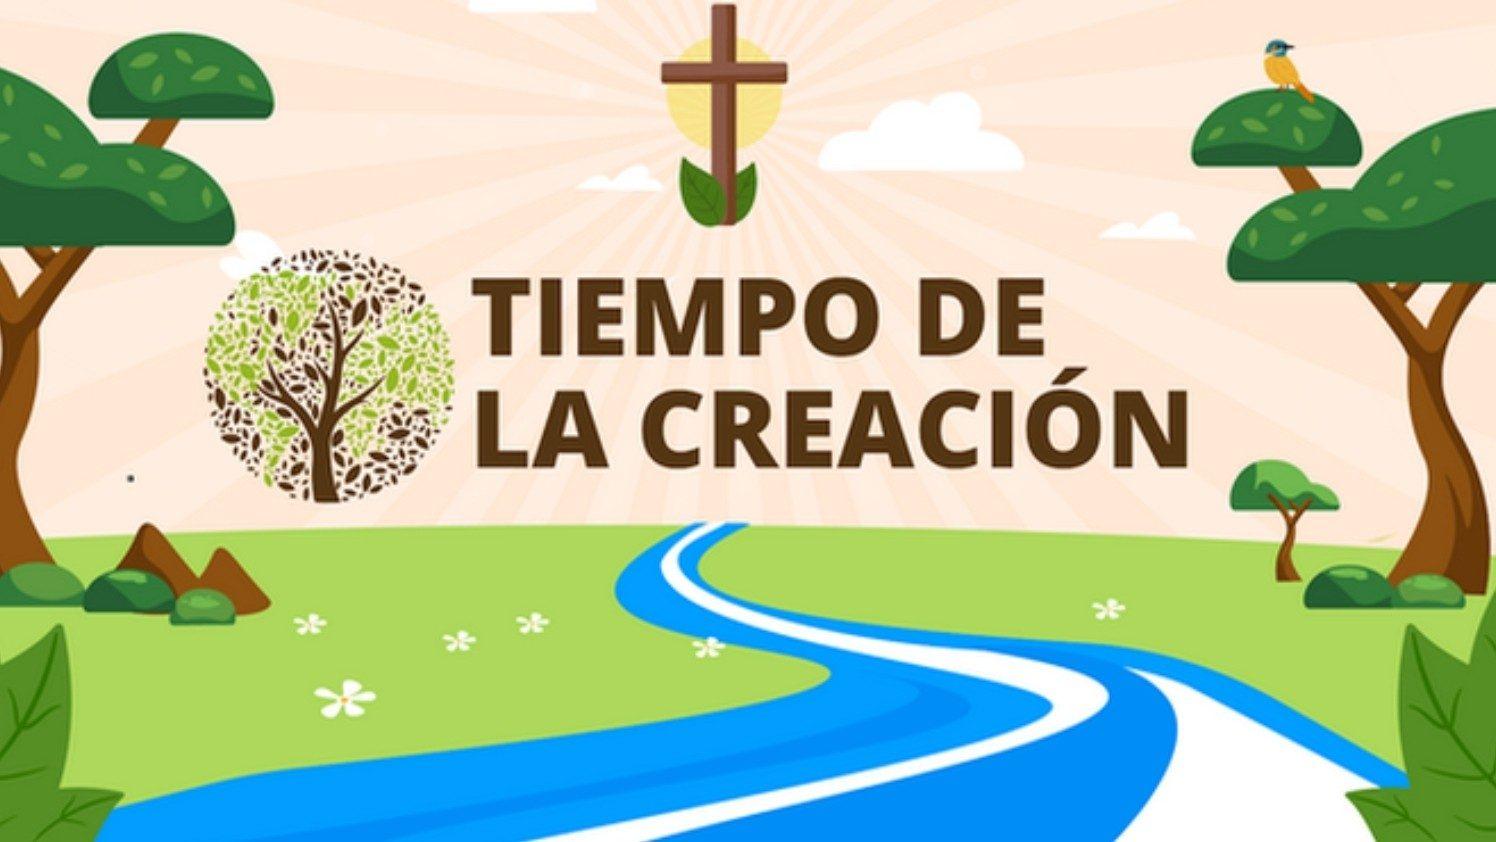 Кардинал Тагле: «Время творения» напоминает нам о долге защищать общий дом